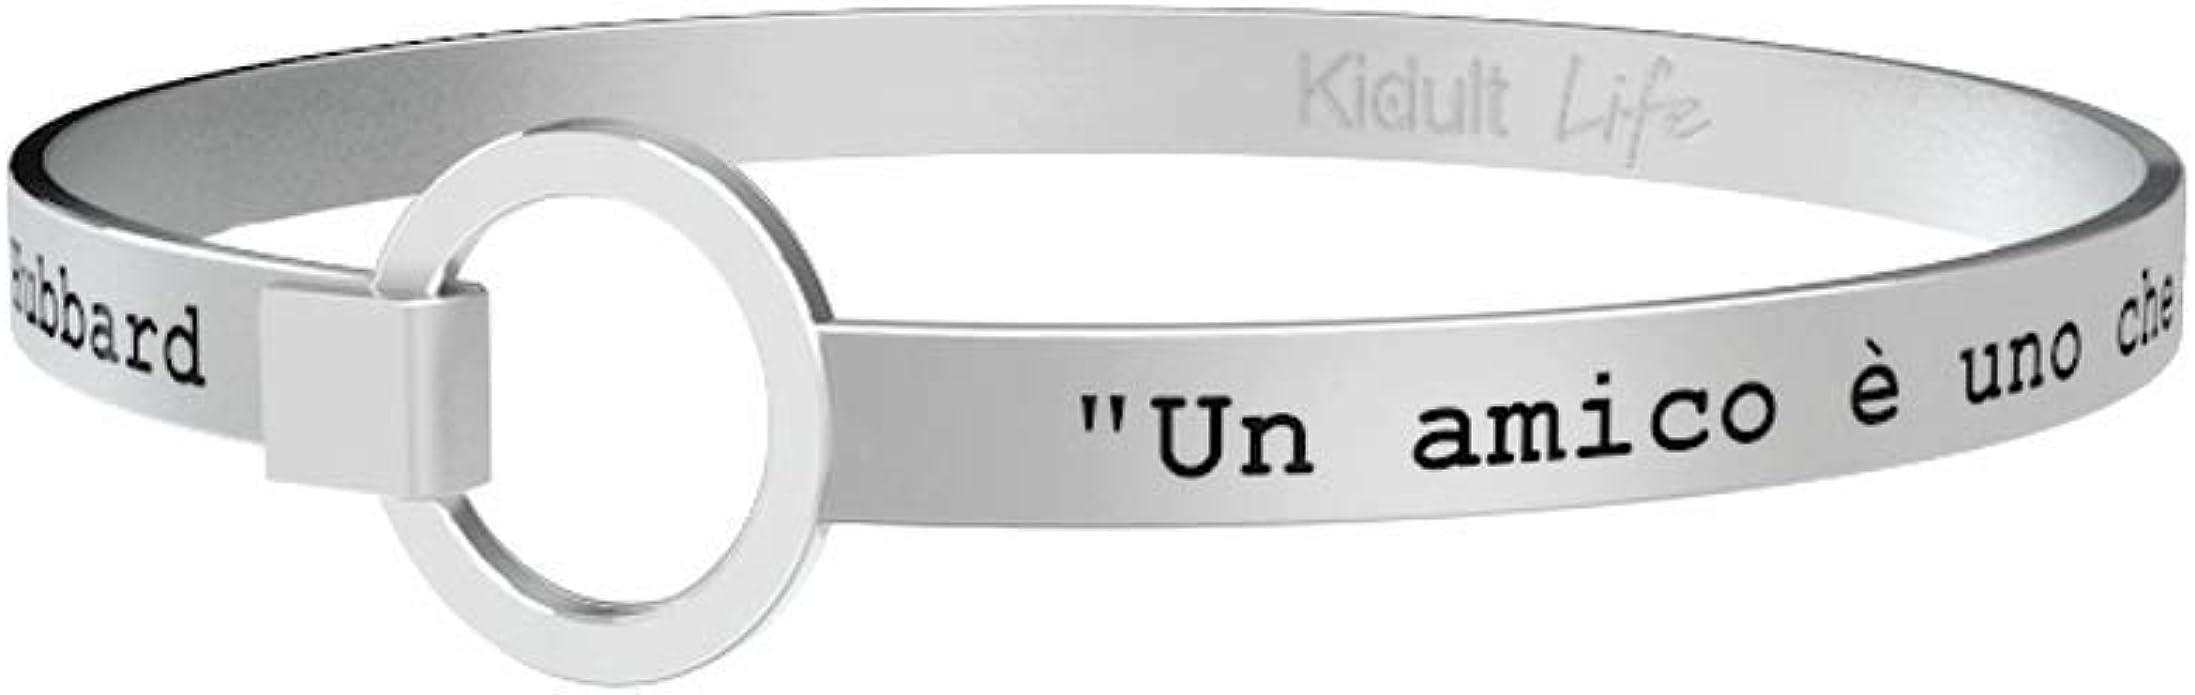 """Kidult life 731104 collection bracciale acciaio /""""crea la storia della tua vita/"""""""